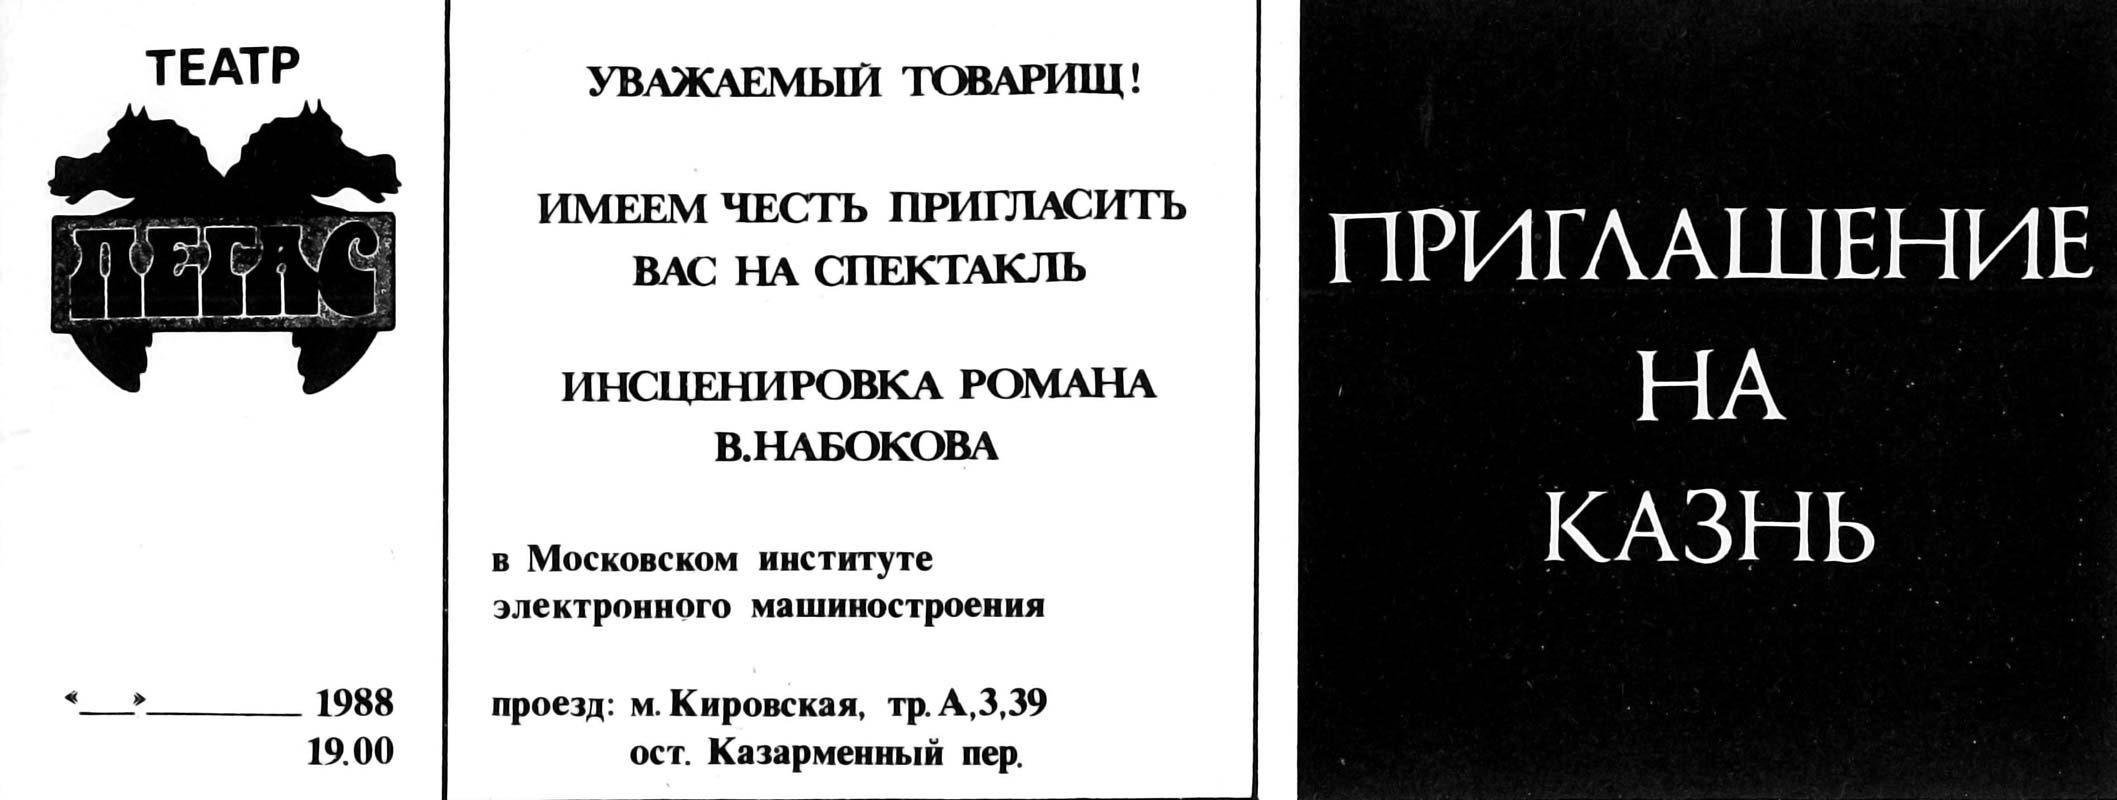 СПЕКТАКЛИ I 16